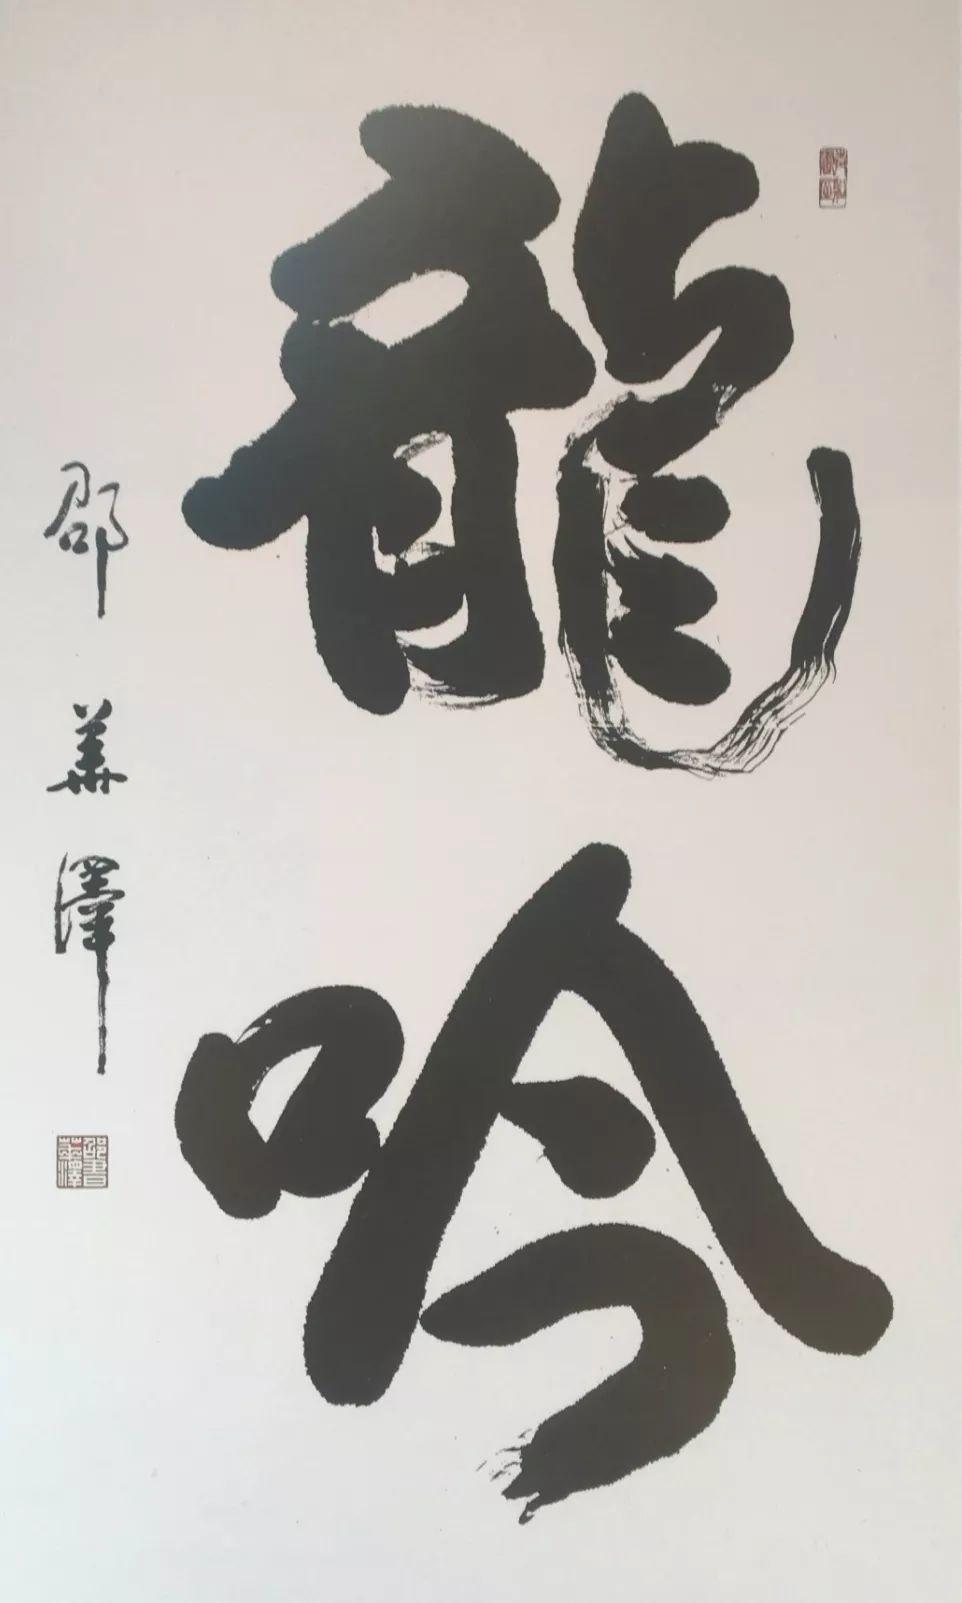 解放军总政治部宣传部和中国书法家协会主办以《中国梦》为主题的